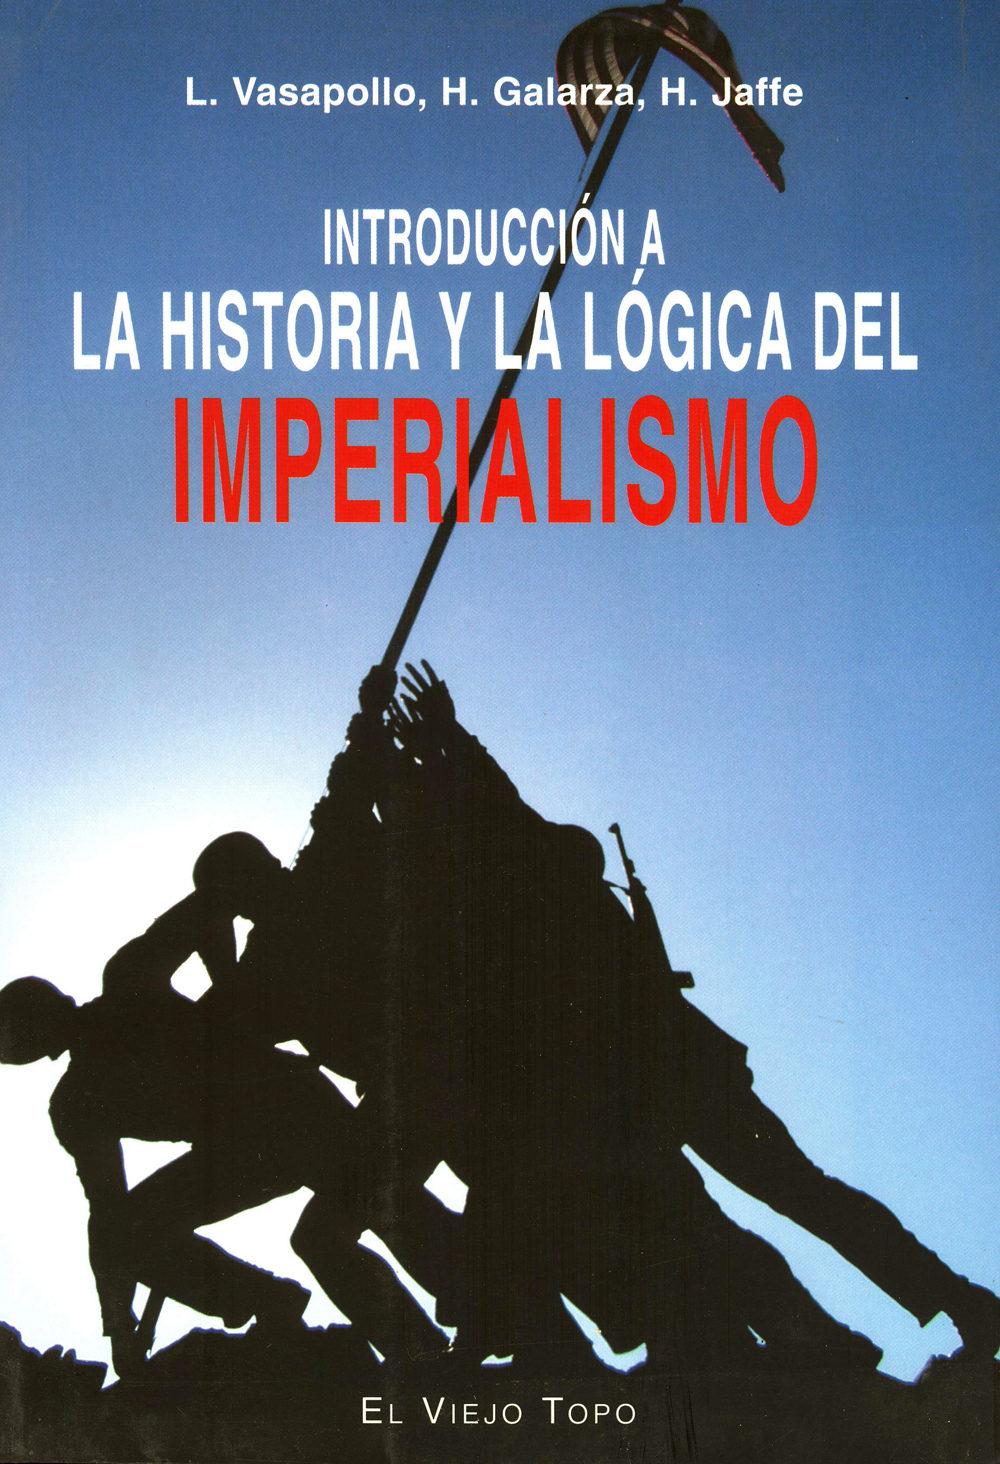 Introduccion A La Historia Y La Logica Del Imperialismo (el Viejo Topo) por L. Vasapollo;                                                                                                                                                                                                          H. Galarza;                       Gratis